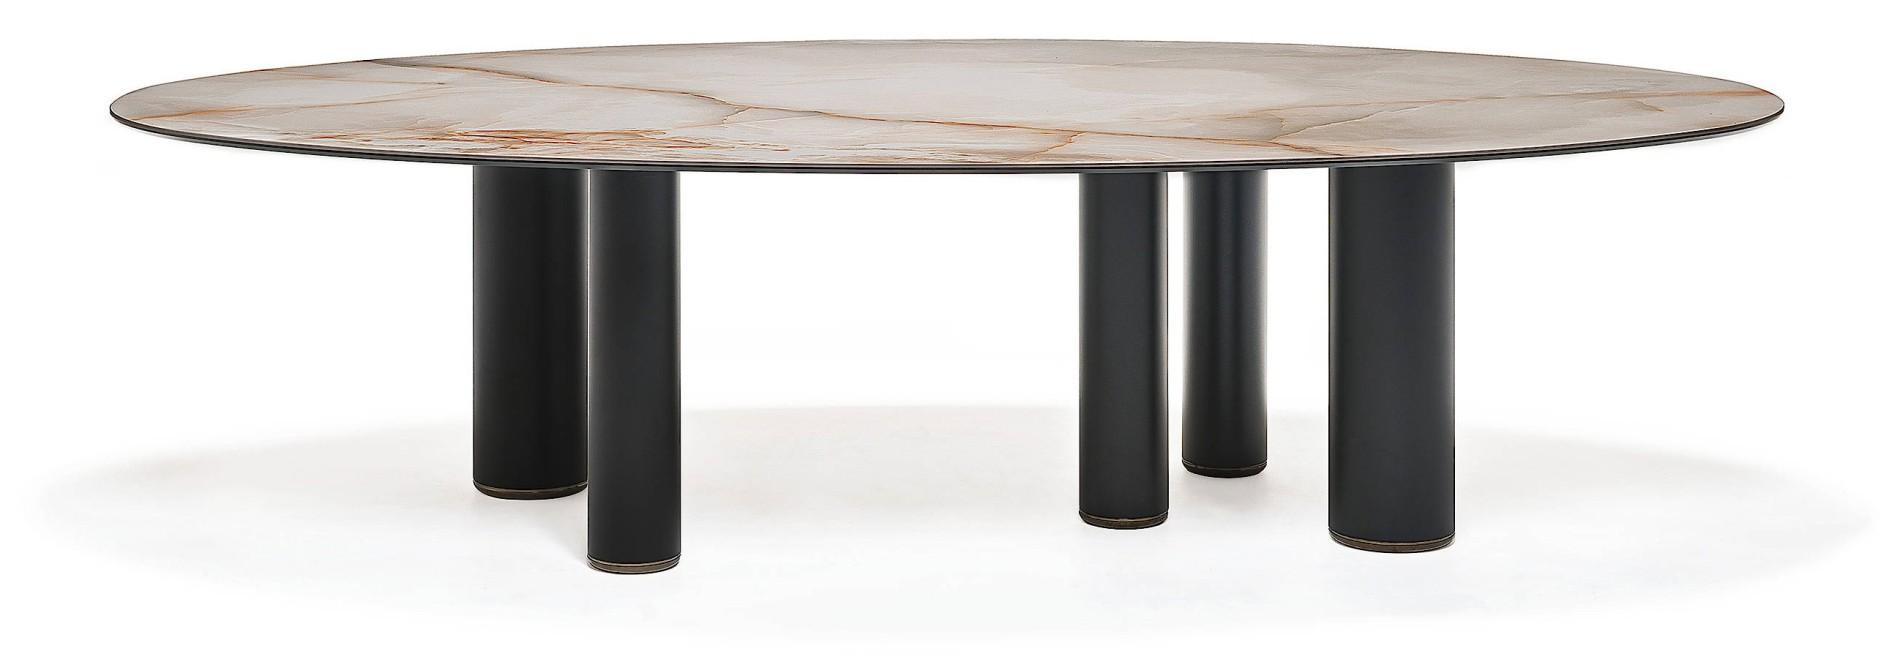 ROLL Kann Auf Drei, Vier Oder Fünf Unterschiedlich Dicken Metallbeinen  Stehen, Je Nach Größe Der Tischplatte. Der Entwurf Stammt Von Paolo  Cattelan, ...